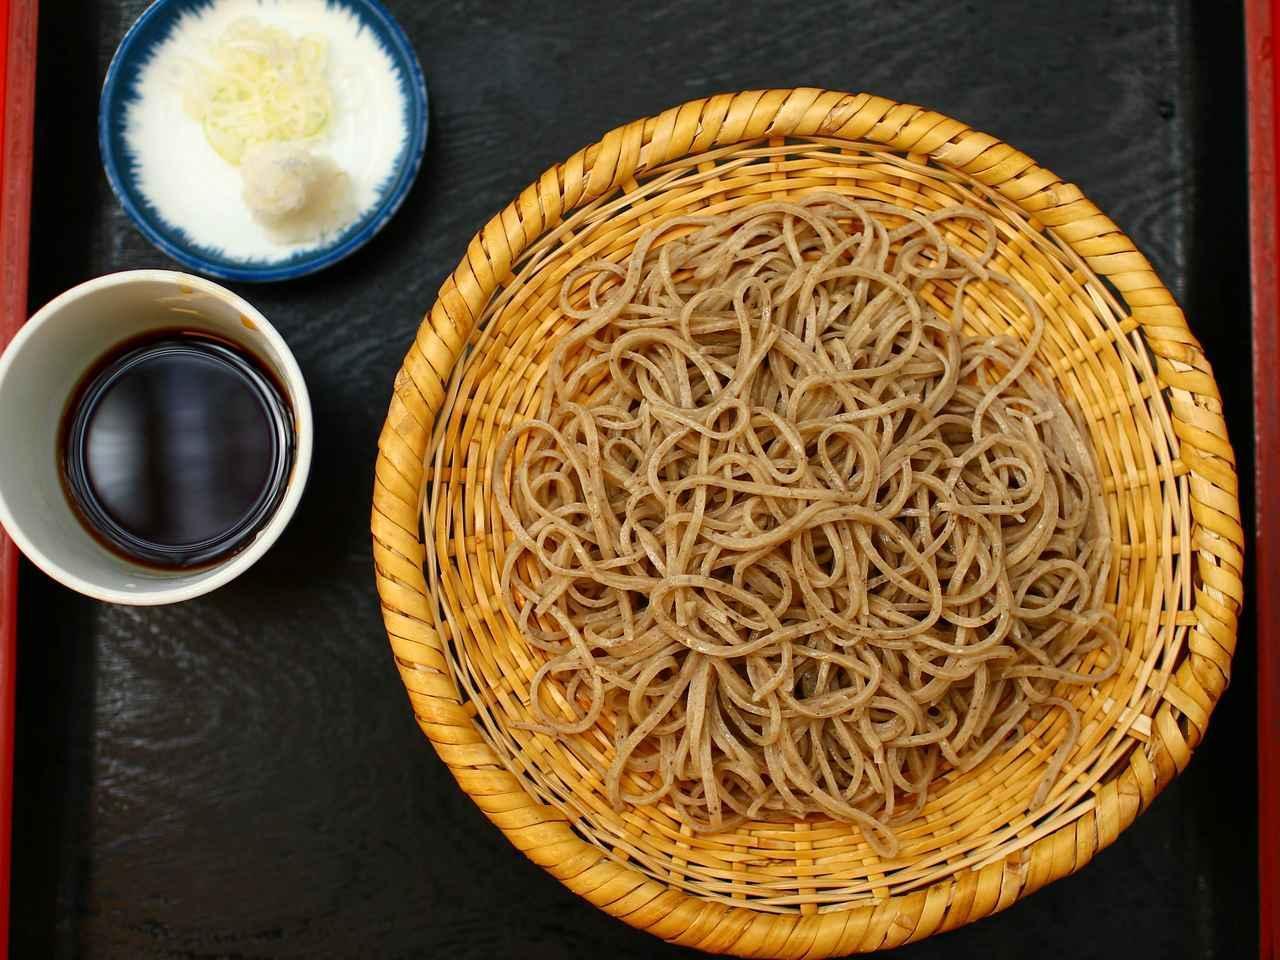 画像: [玉乃屋] 石臼で挽かれた蕎麦は十割なのにしっとして粘りがある。さまざまなかわりそばも評判